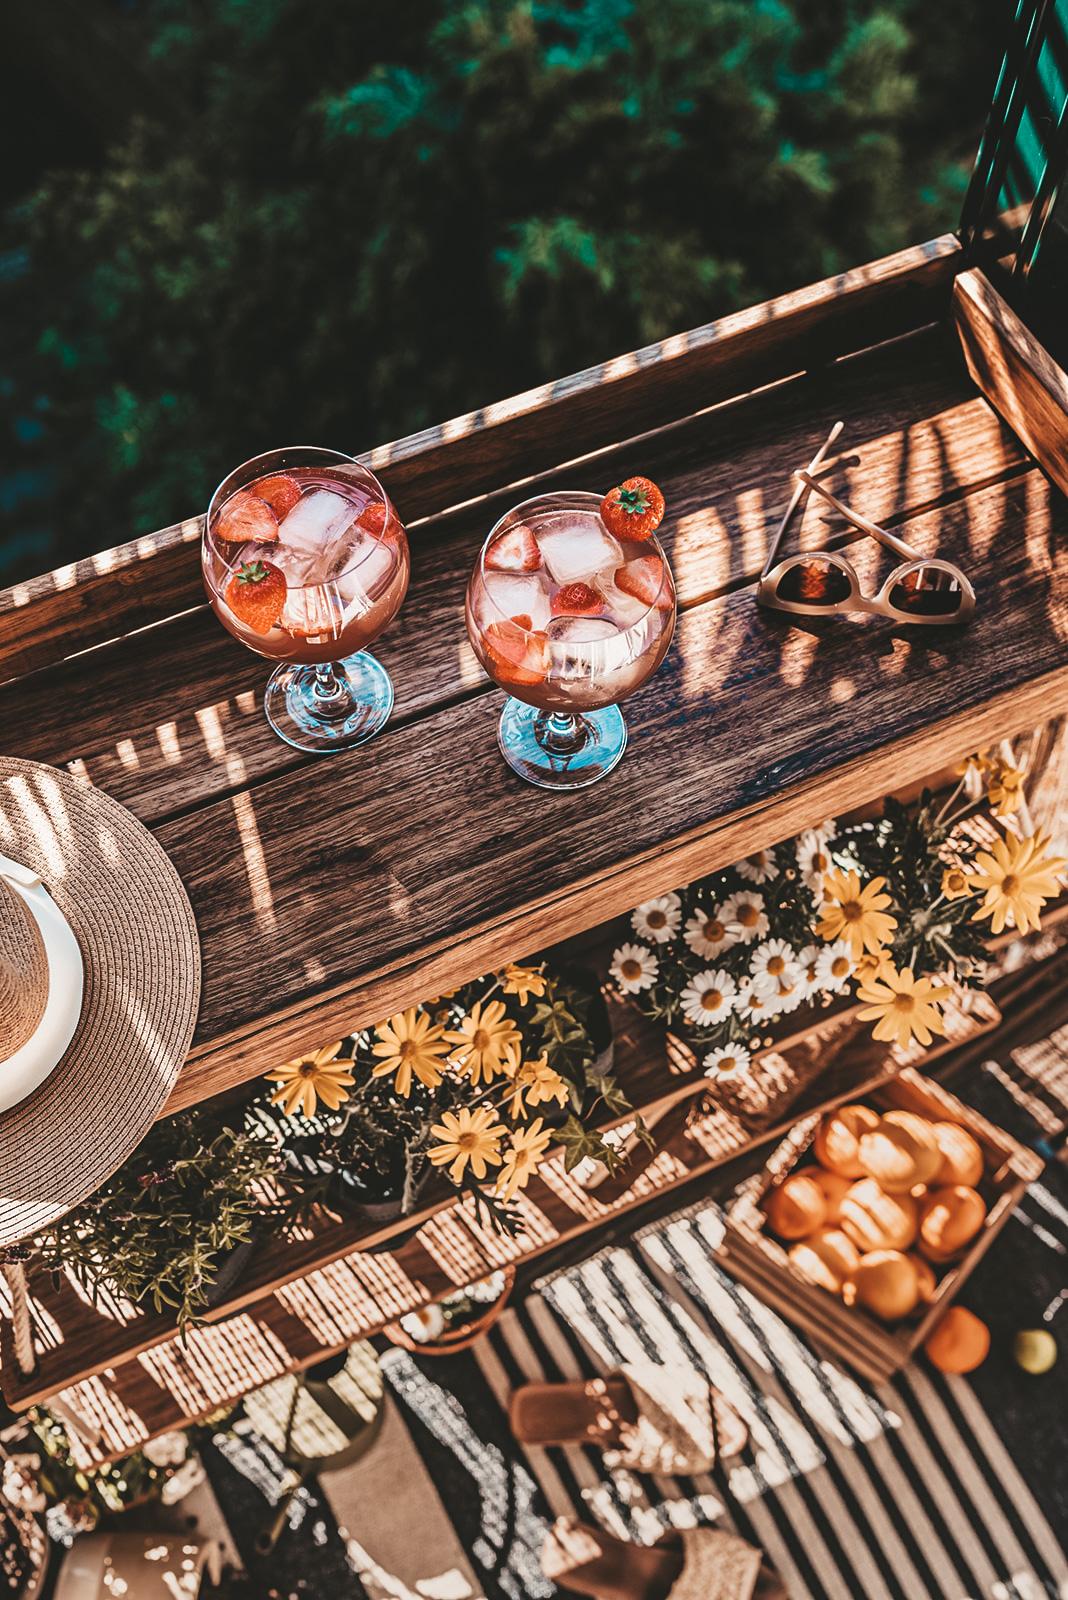 Balkonbar met gin tonics